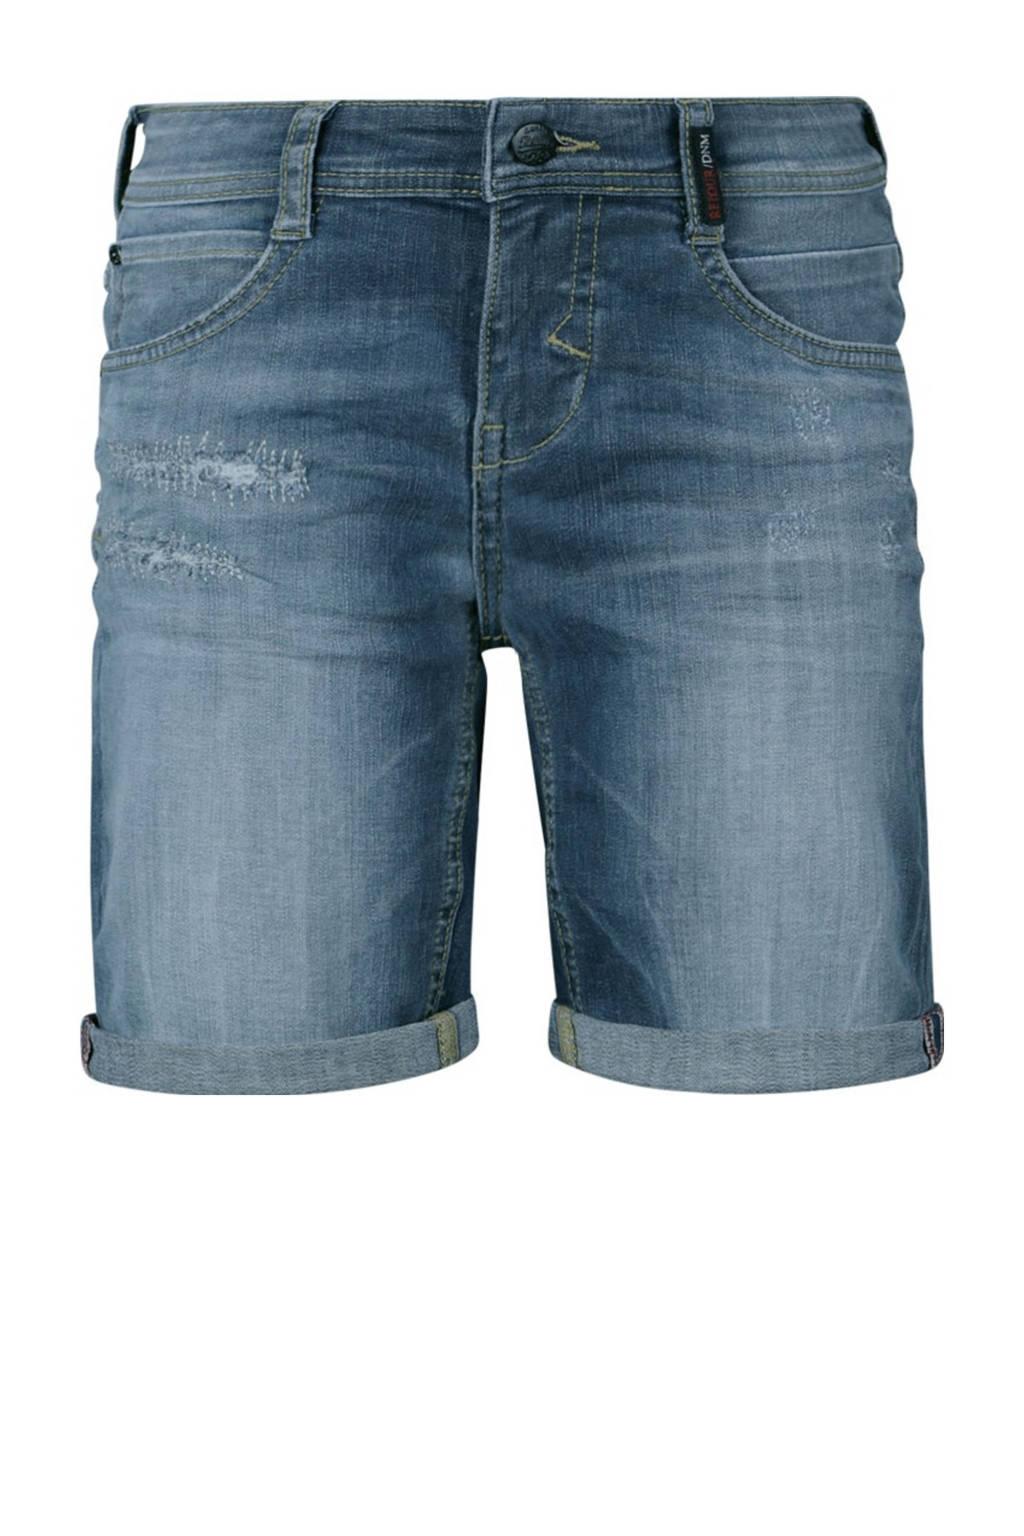 Retour Denim regular fit jeans bermuda Reve medium blue denim, Medium blue denim